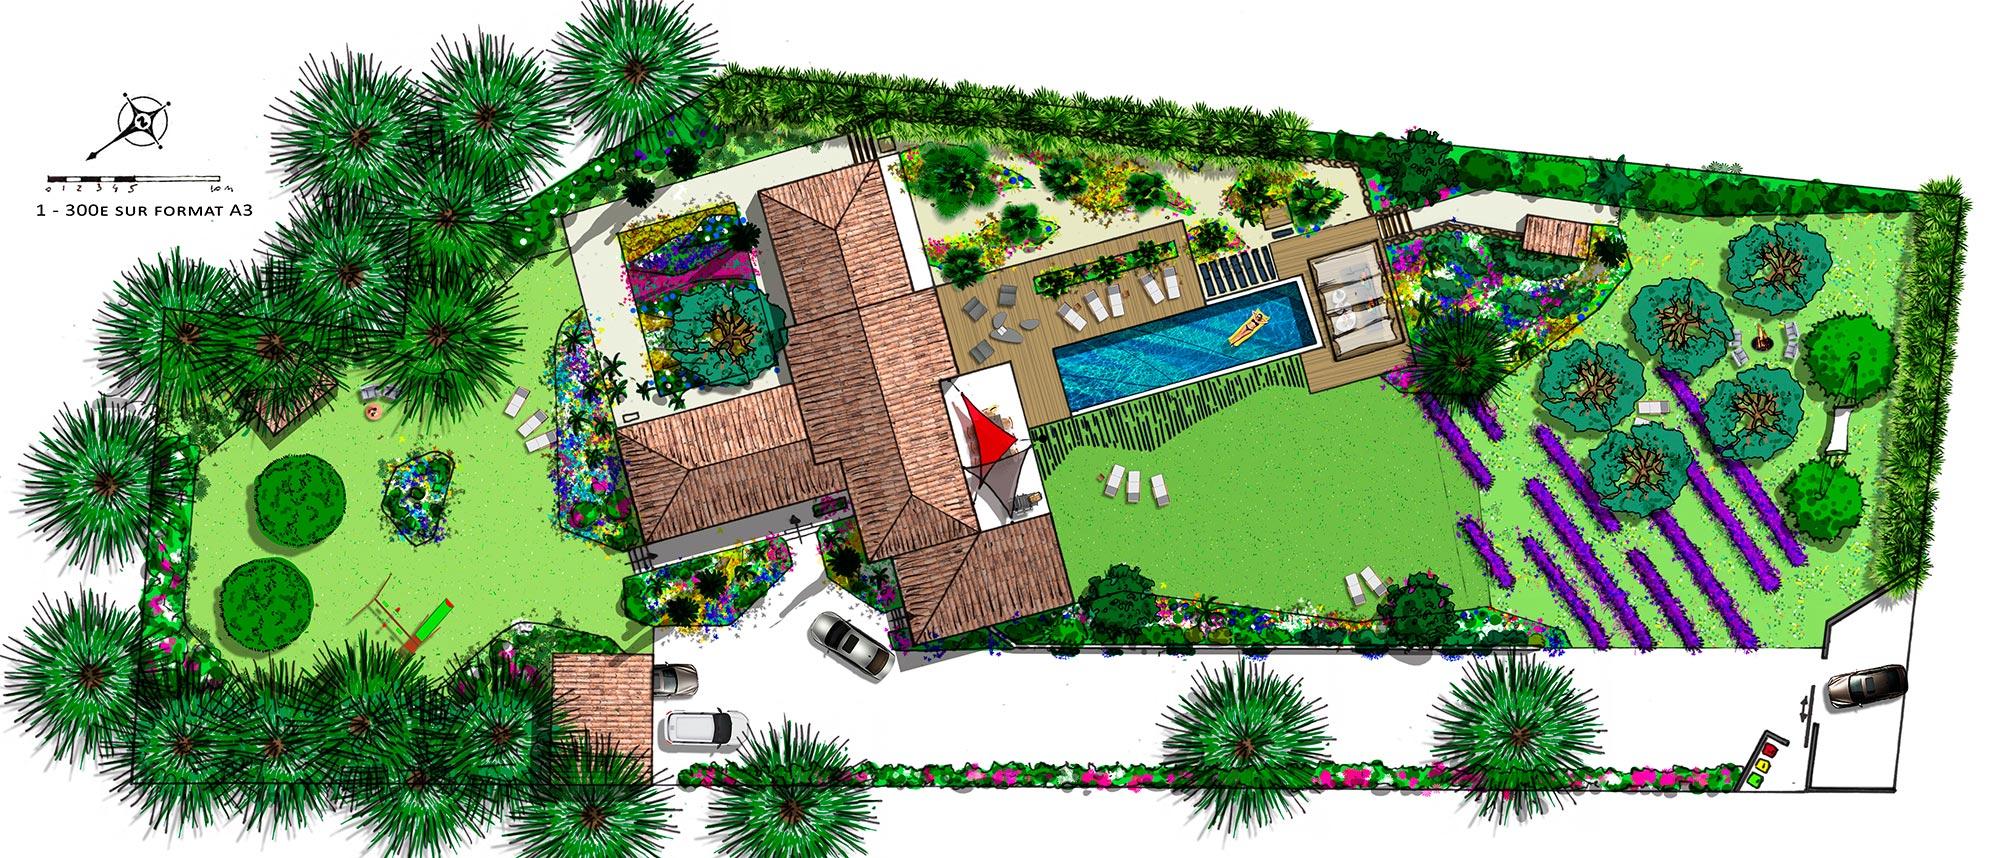 Atelier Naudier - Architecte paysagiste concepteur - Montpellier & Aix en Provence - Projet Aix en Provence - aménagement jardin